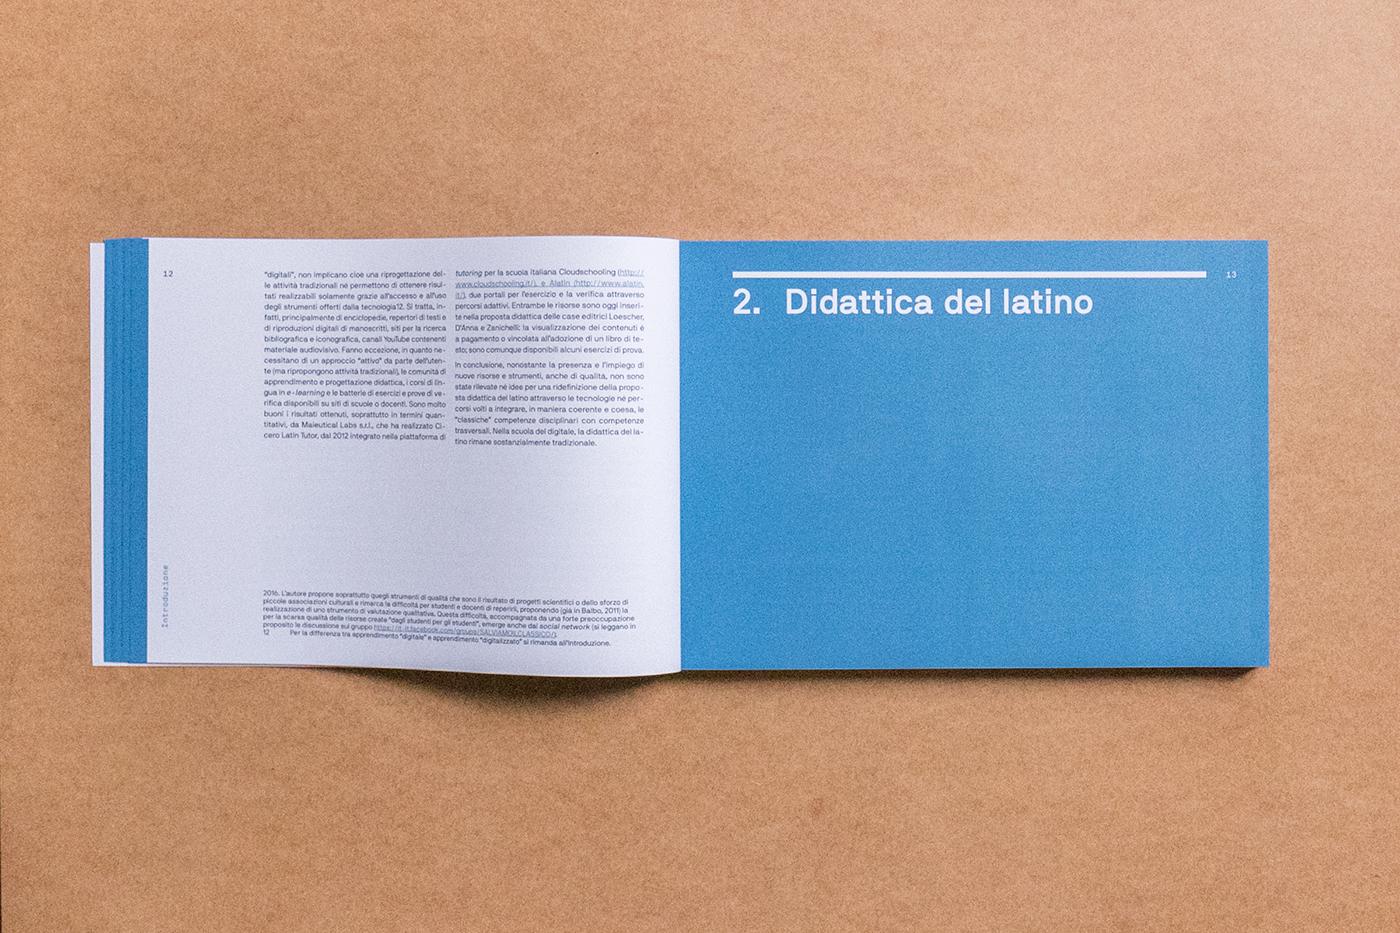 thesis latino declinazione